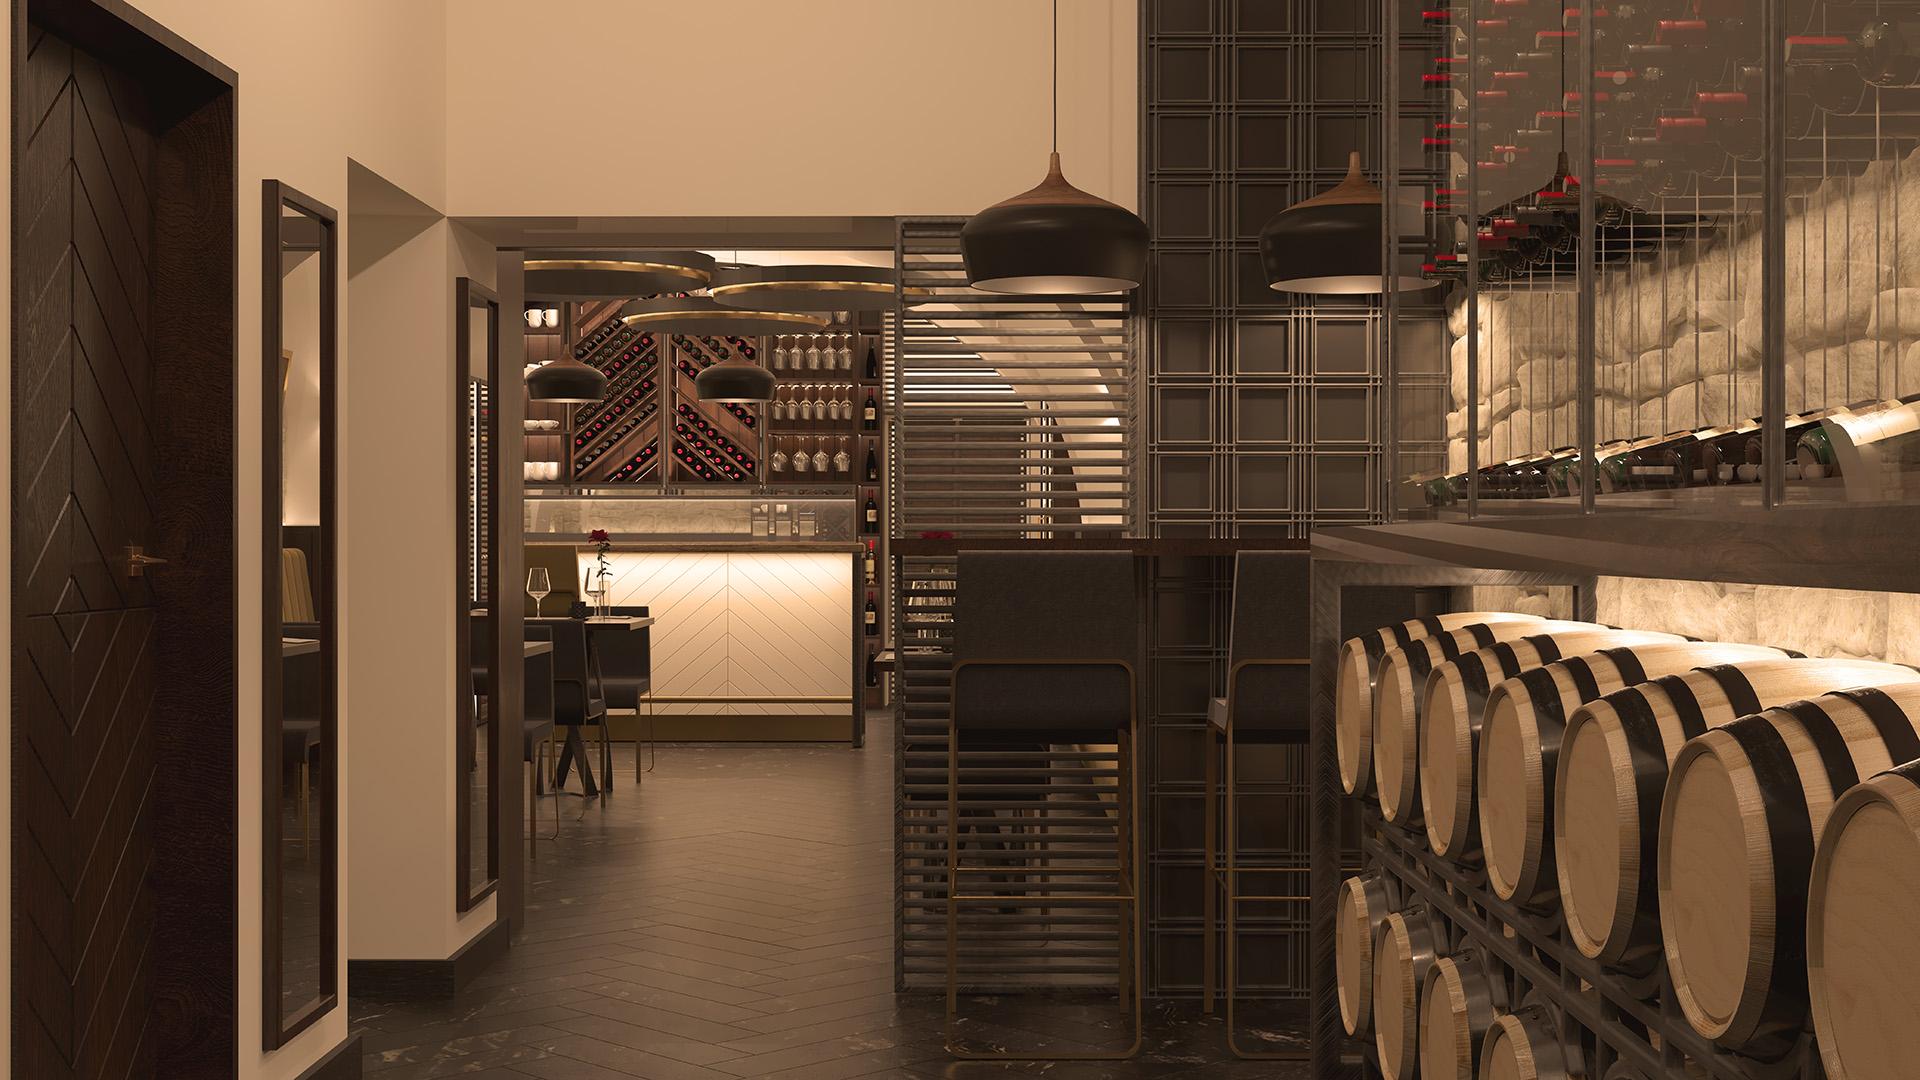 wizualizacja wnętrza winiarni